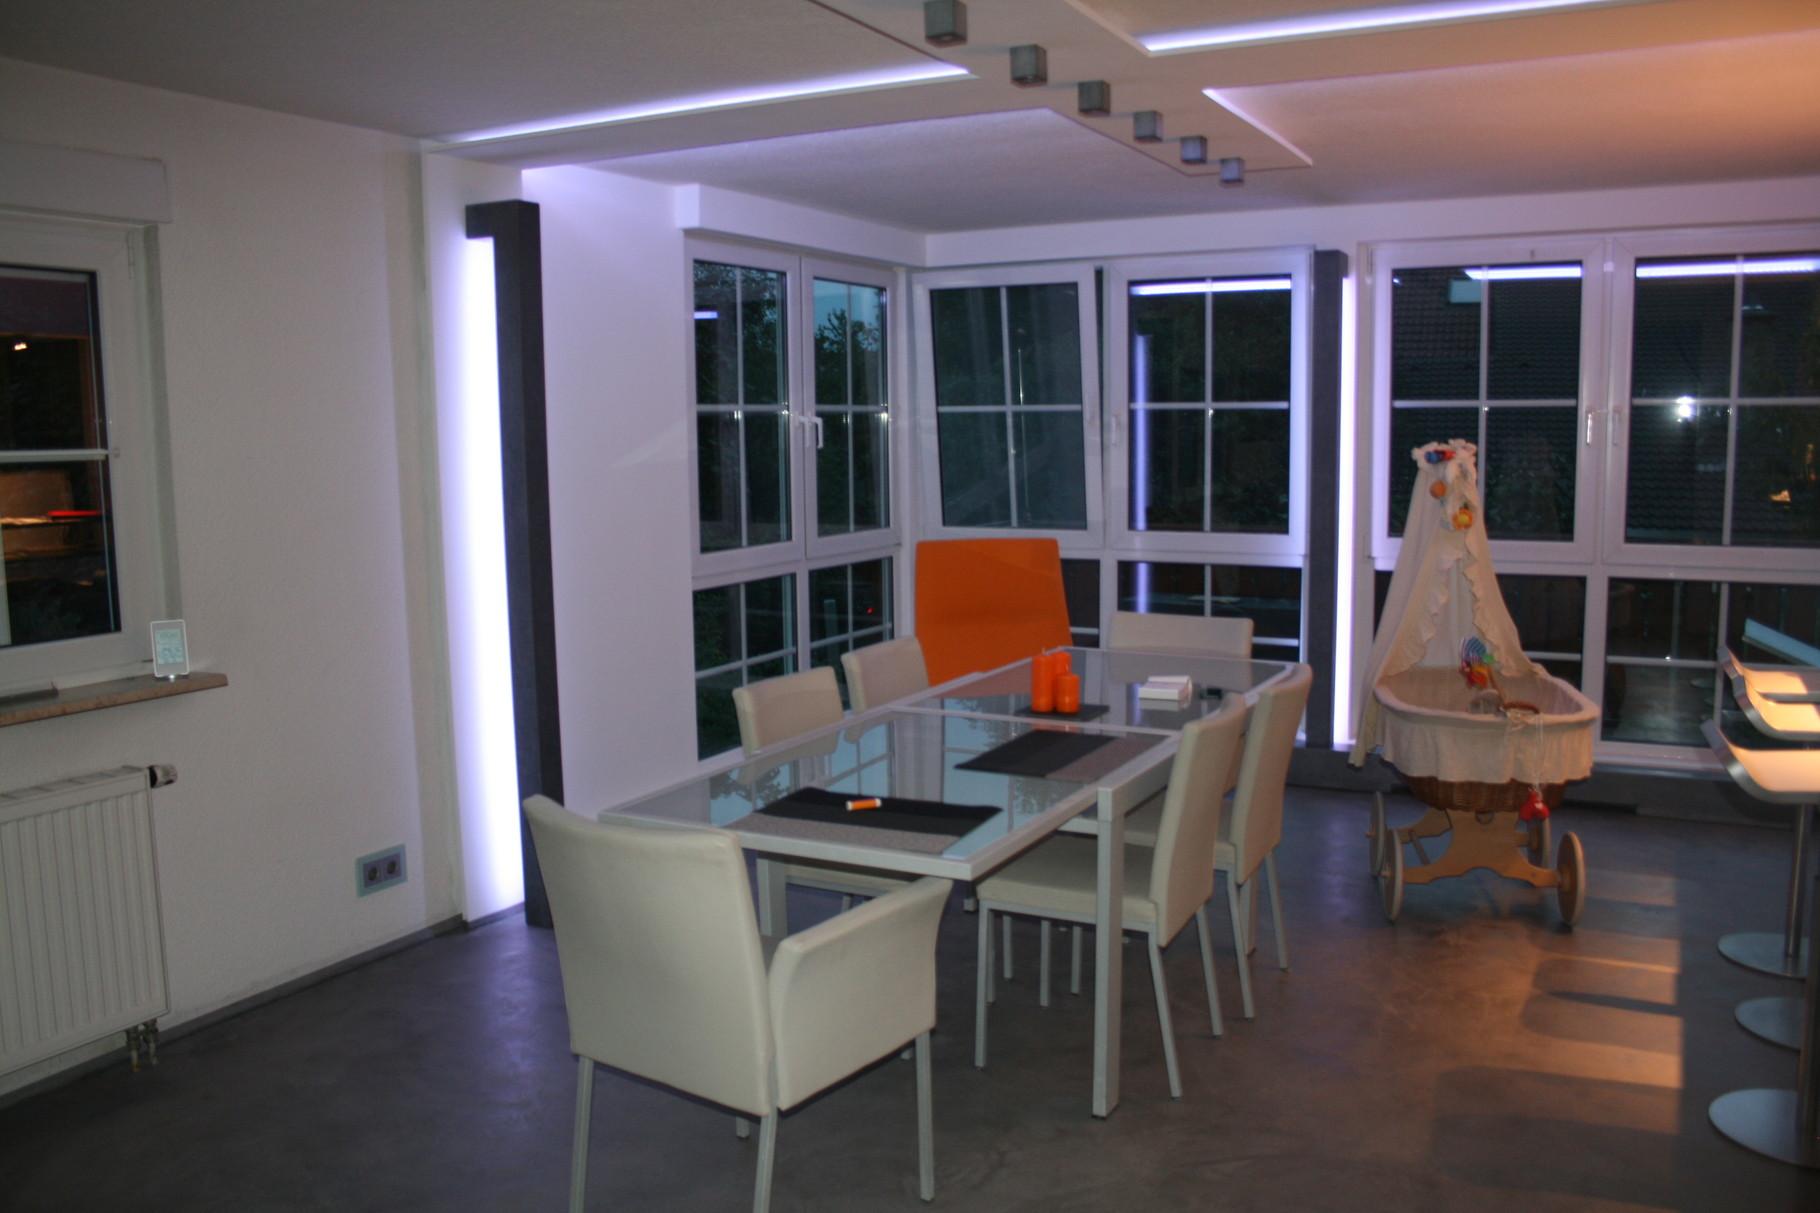 Beton Cire auf dem Boden, Beton Stehleuchten, Beton Deckenleuchten, Indirekte LED Wand und Decken Beleuchtung, Beton Heizkörper Verkleidung